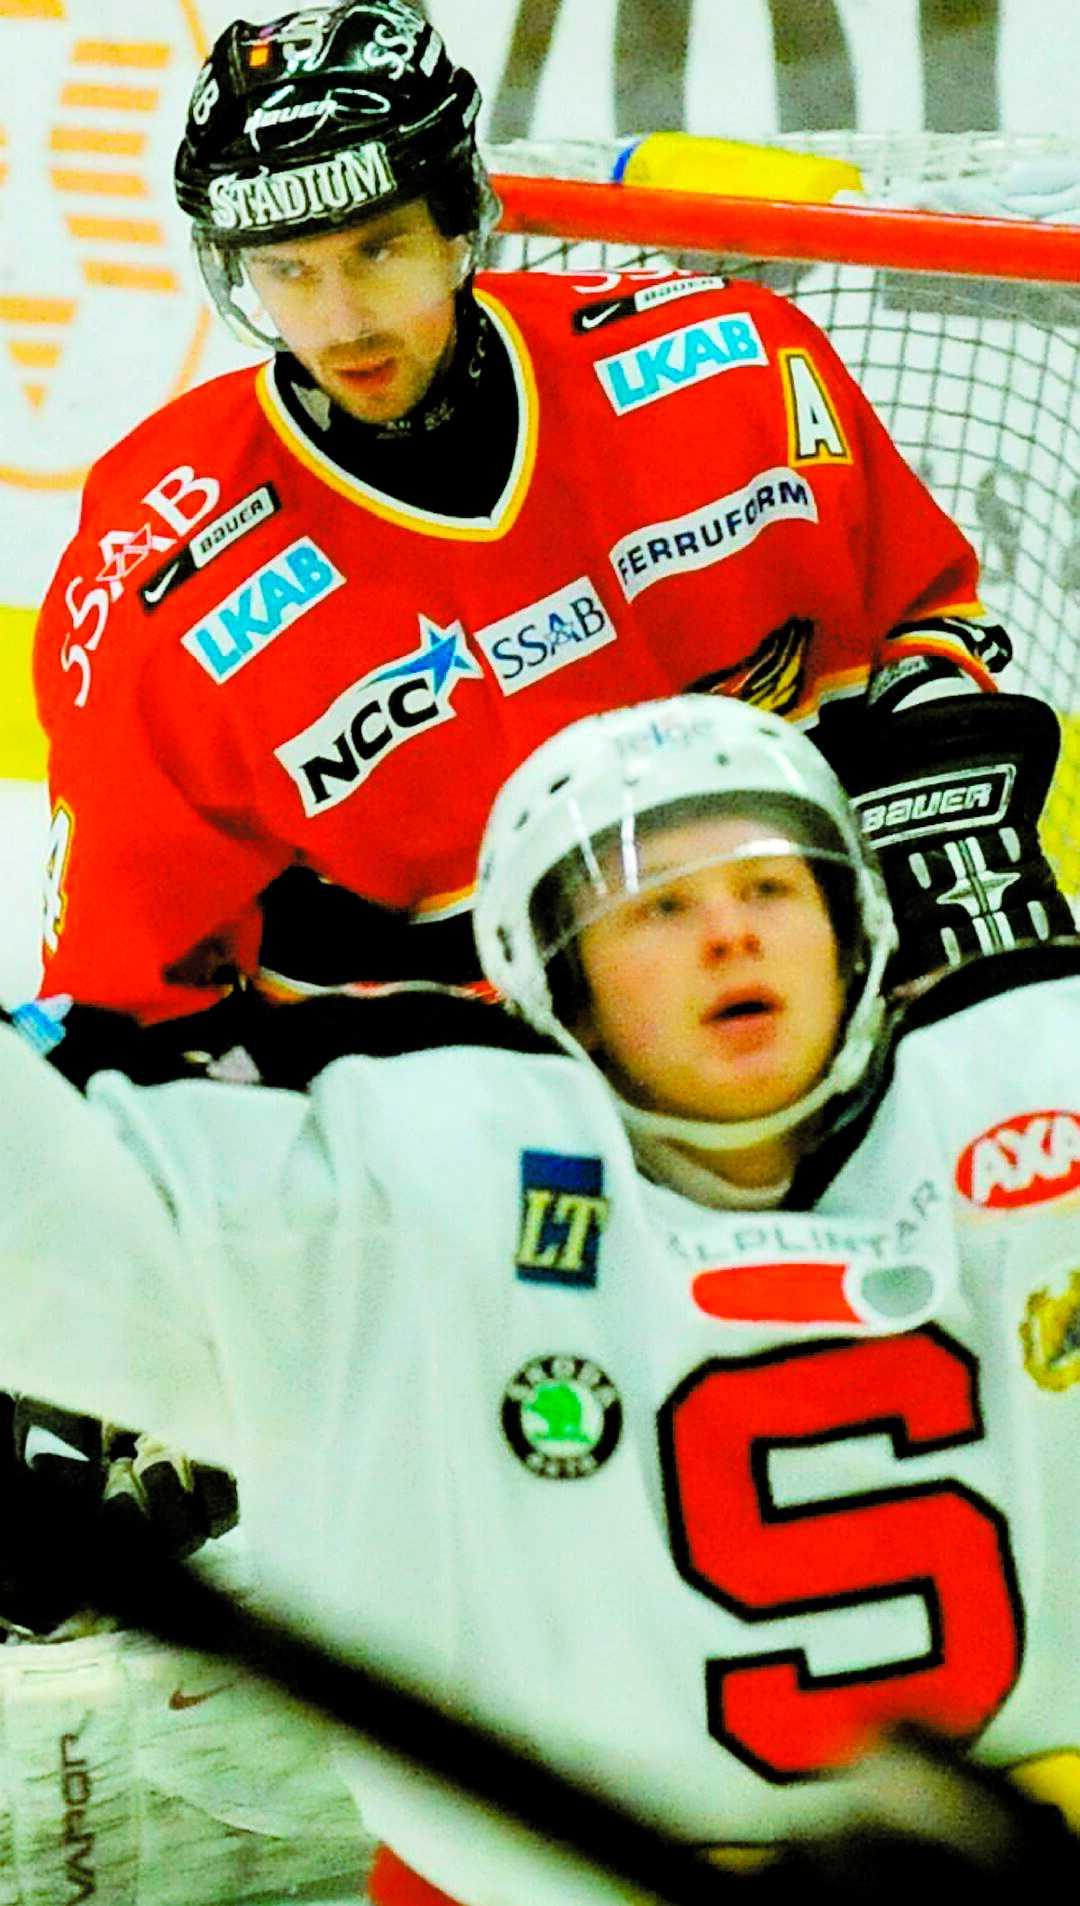 Buuuleå I förra mathcen utklassade Luleå Färjestad med 7–2. I går var det en riktigt viktig match mot Södertälje. Det gick sådär.